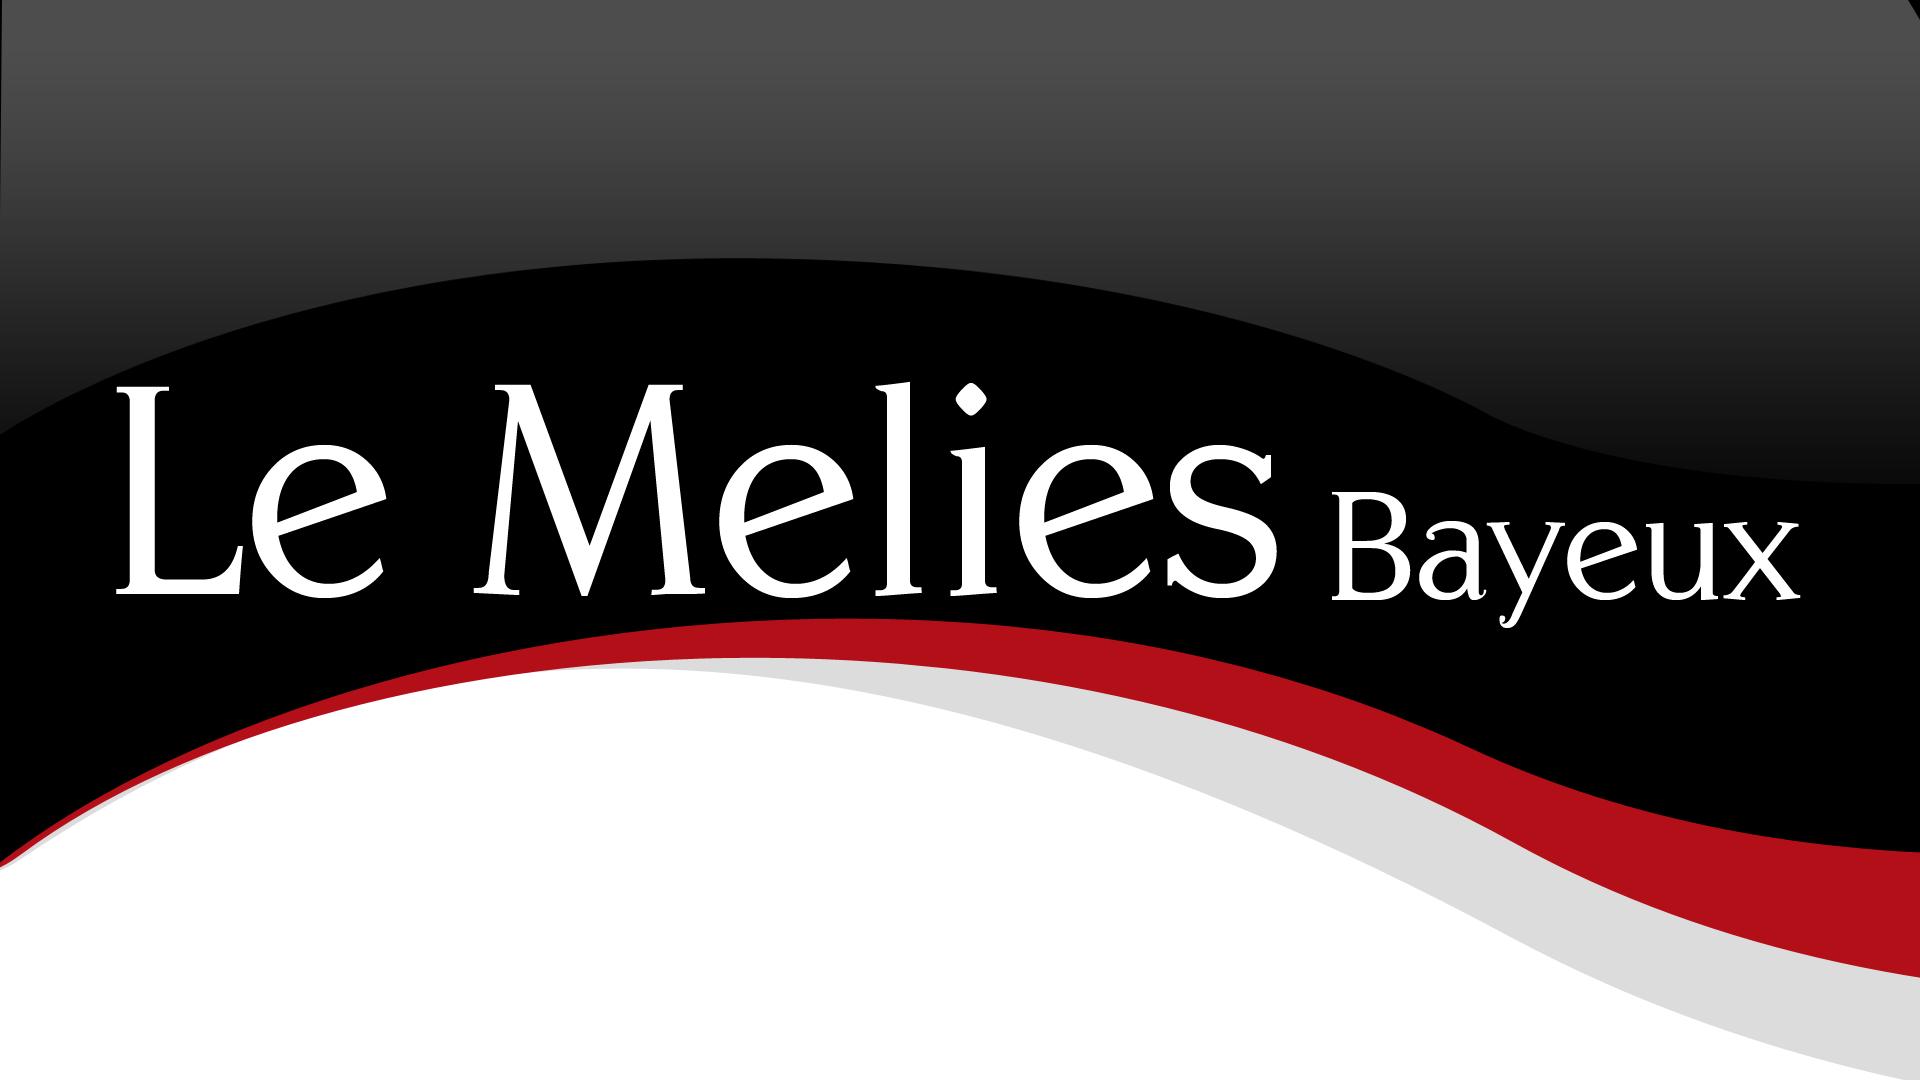 Le Melies - Bayeux